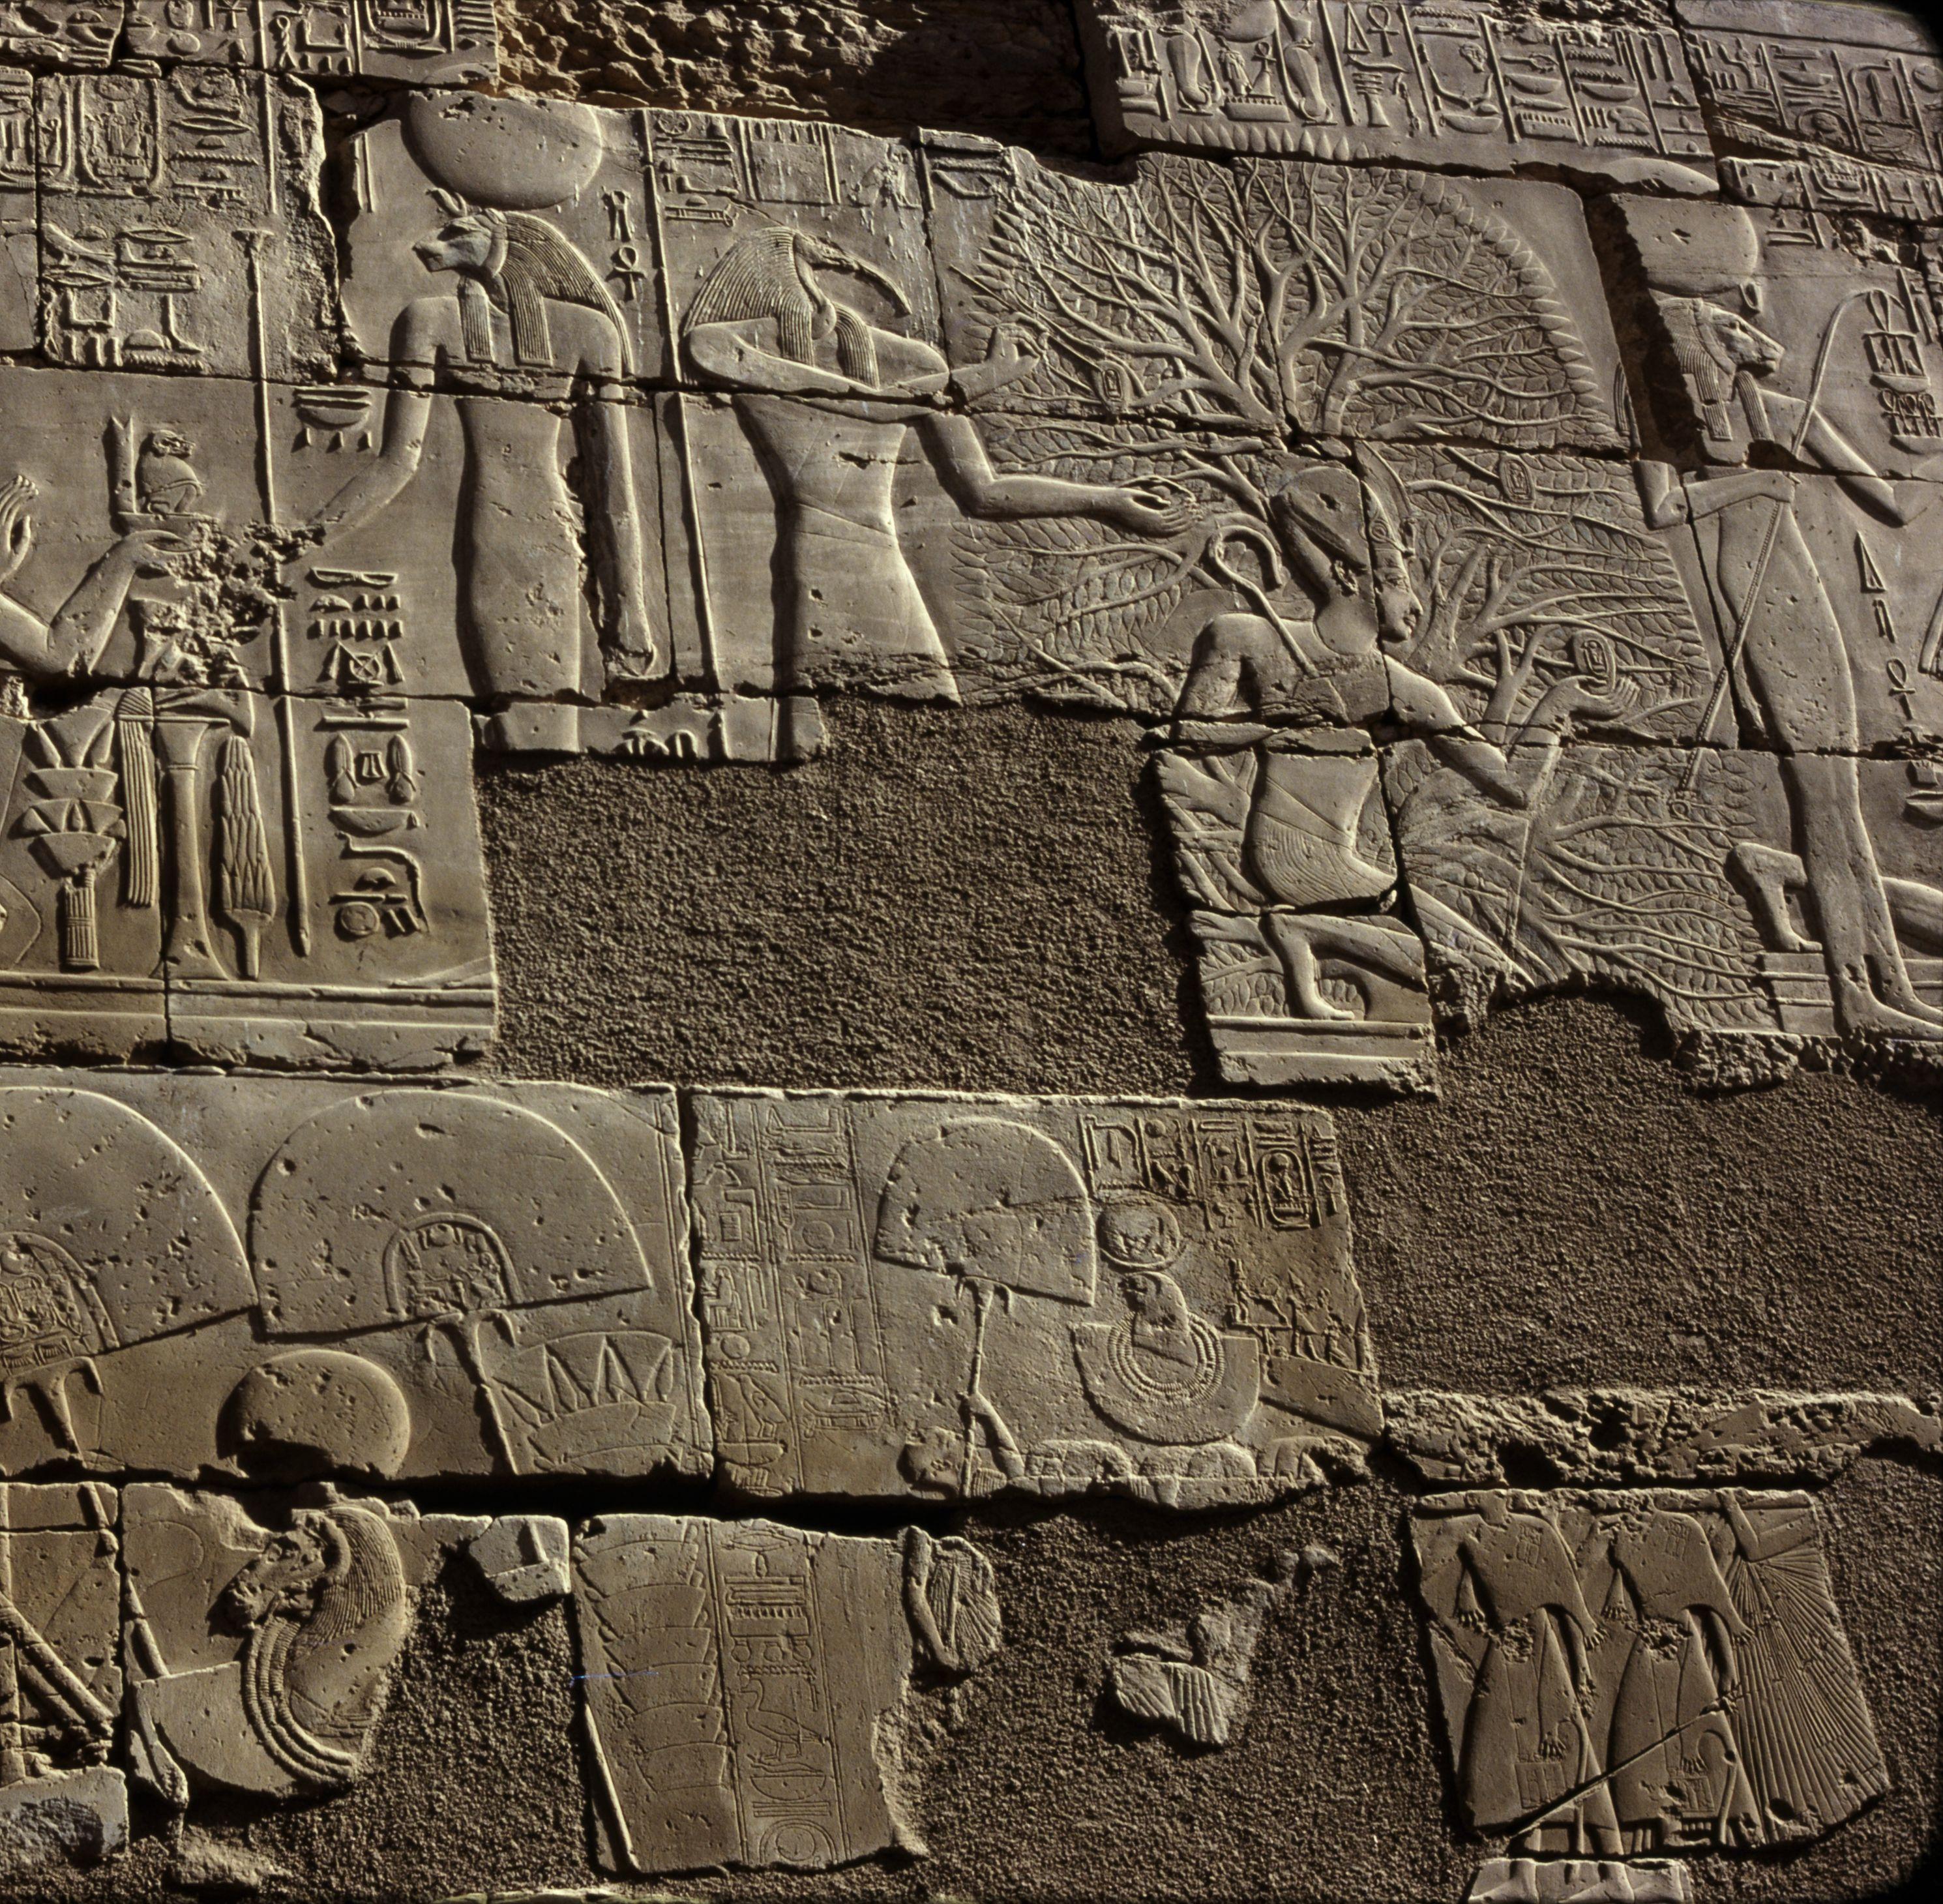 Храм Амона-Ра. Рельефы в Большом колонном зале. Сети приносит жертвоприношение богам, Тот пишет имя Сети I на листьях священной сикаморы